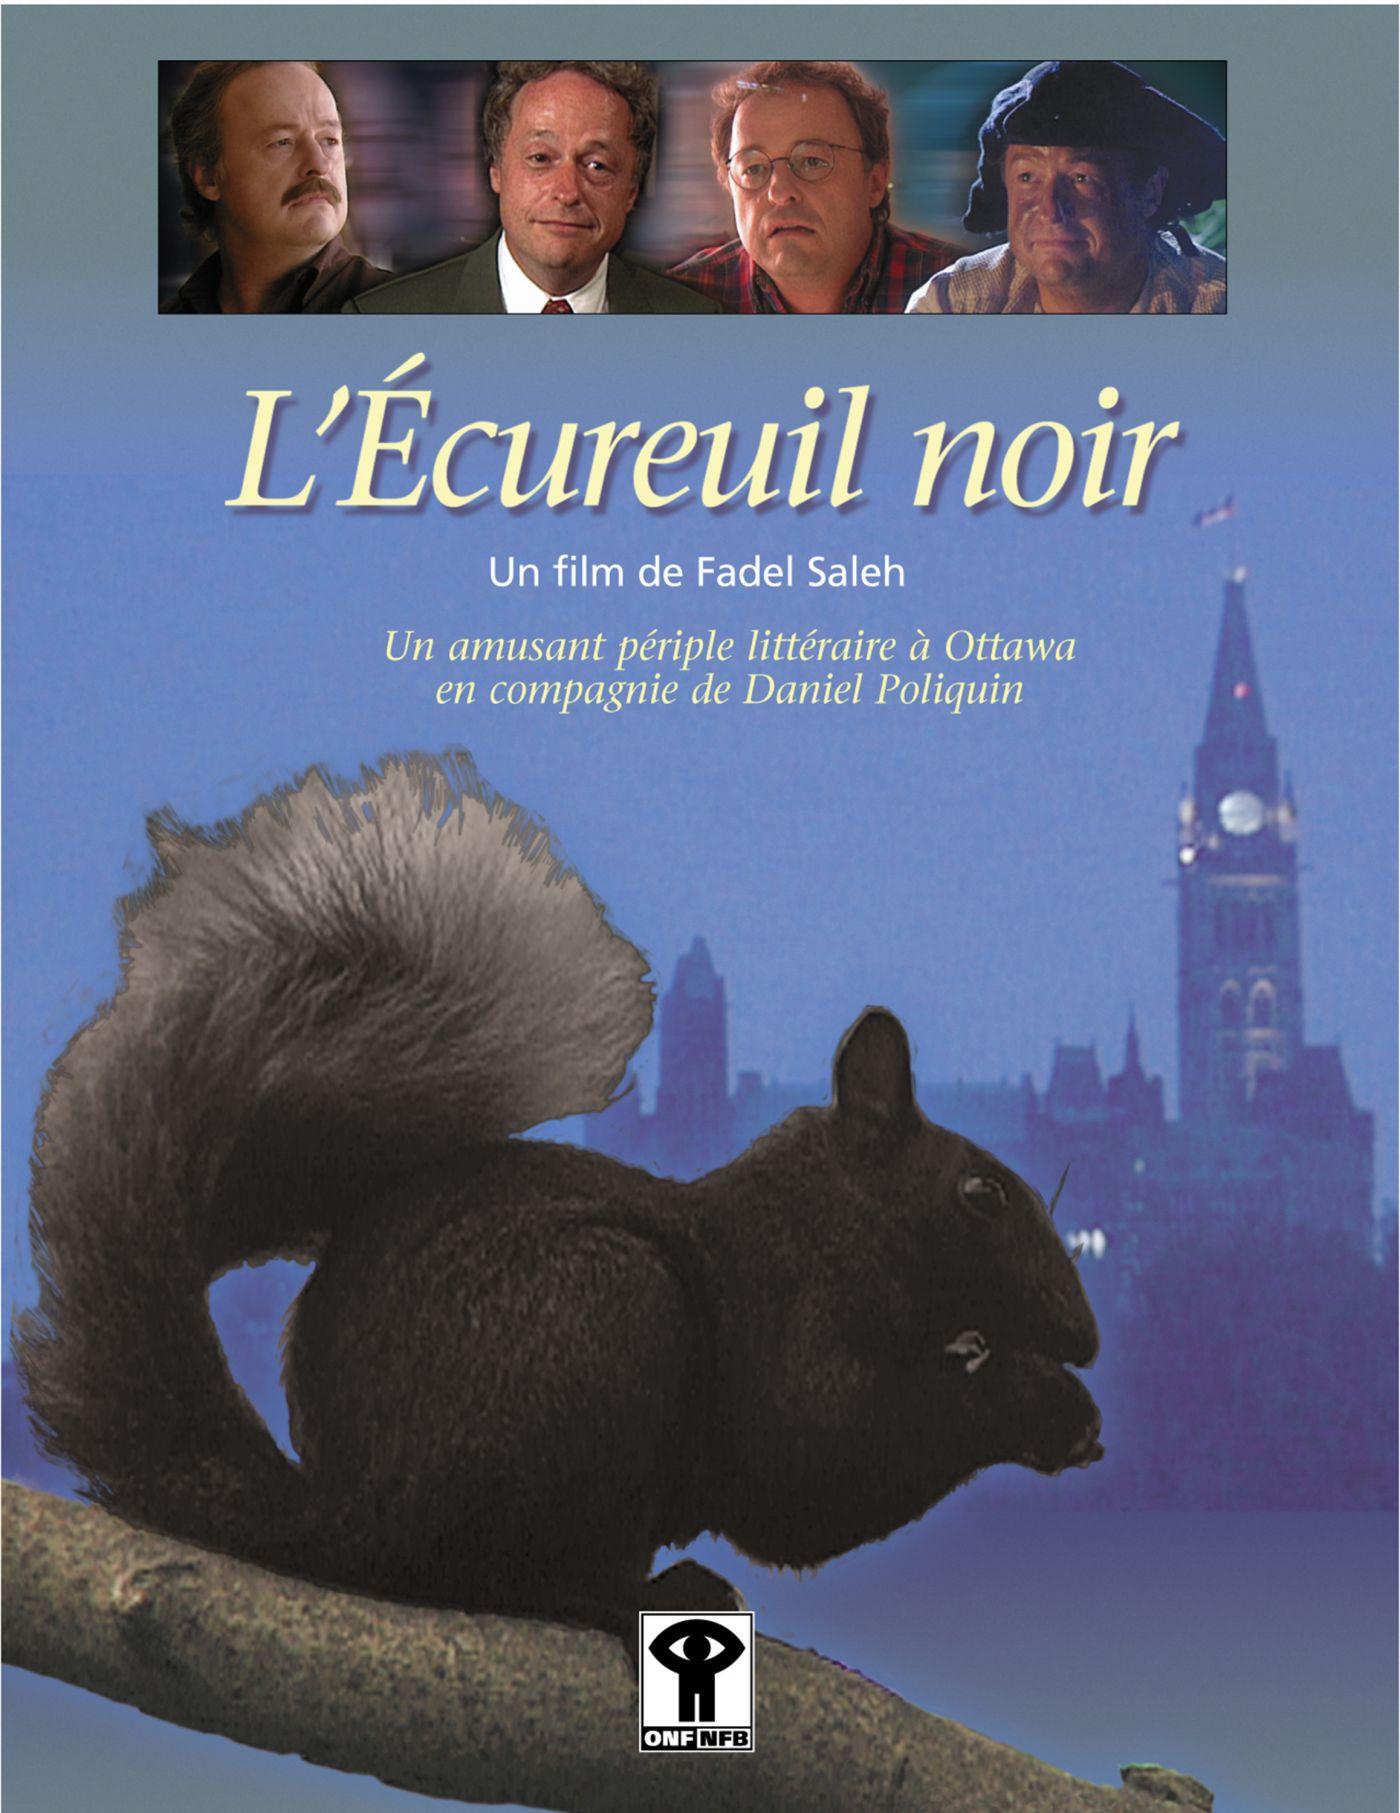 Affiche, en français. Sur fond bleu, un écureuil noir sur une branche. avec le Parlement du Canada en arrière-plan. Figurent aussi le nom du film et de son réalisateur ainsi qu'un sous-titre. Tout en haut de l'image, les photographies de quatre personnages, endossés par le même individu.